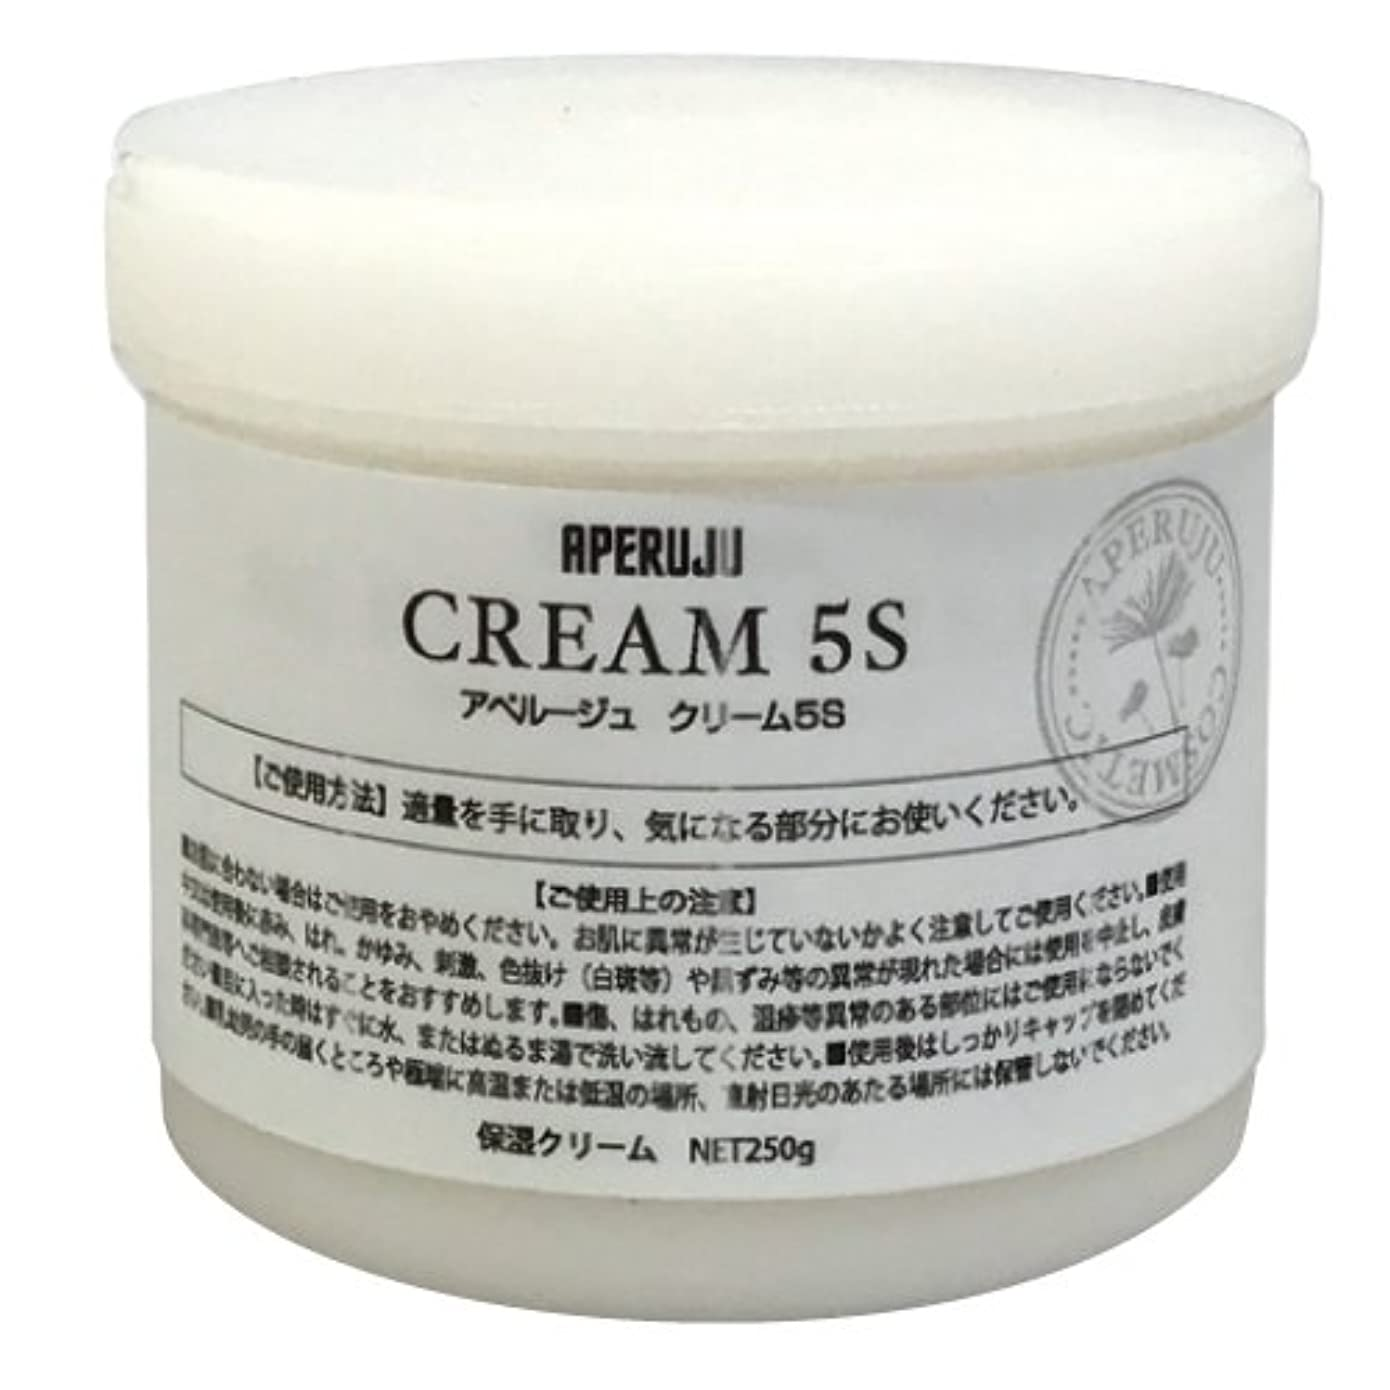 バレエシンポジウムクリーナーアペルージュ クリーム5S 250g